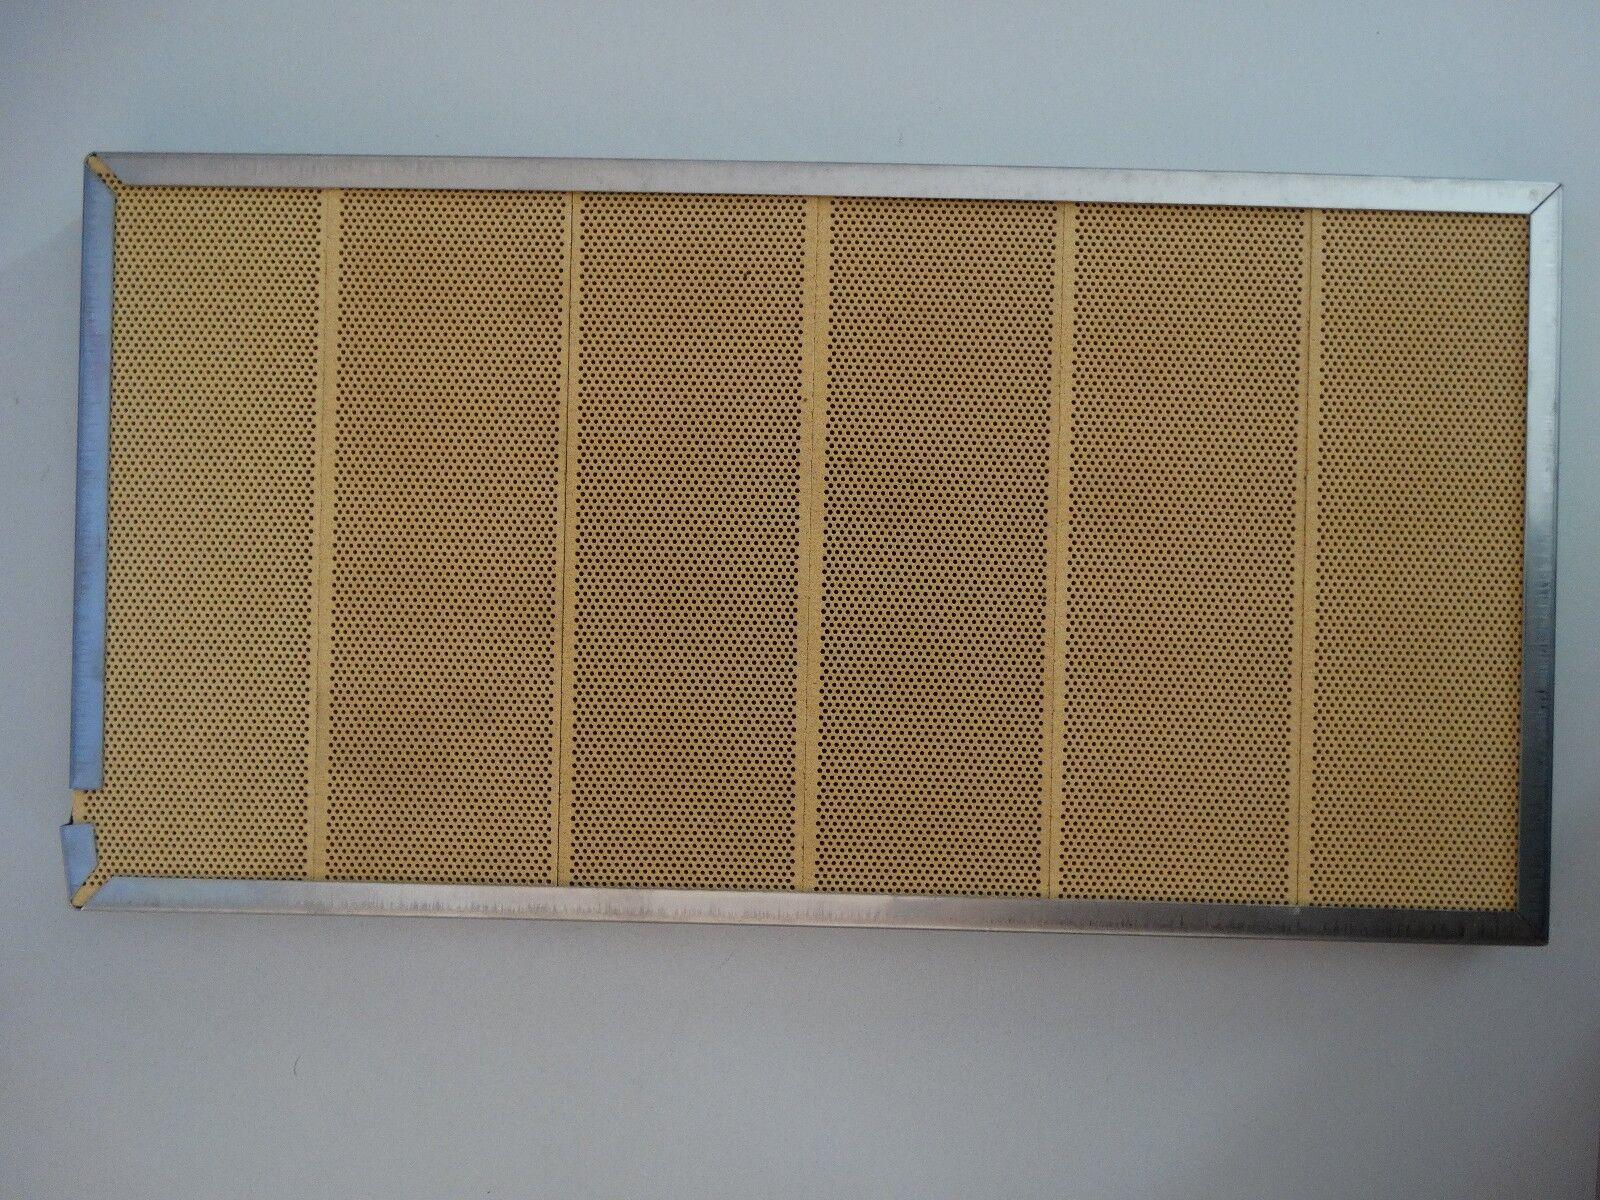 Brötje Keramikplatte Keramikplatte Keramikplatte 577045 WGB 20-25 331231